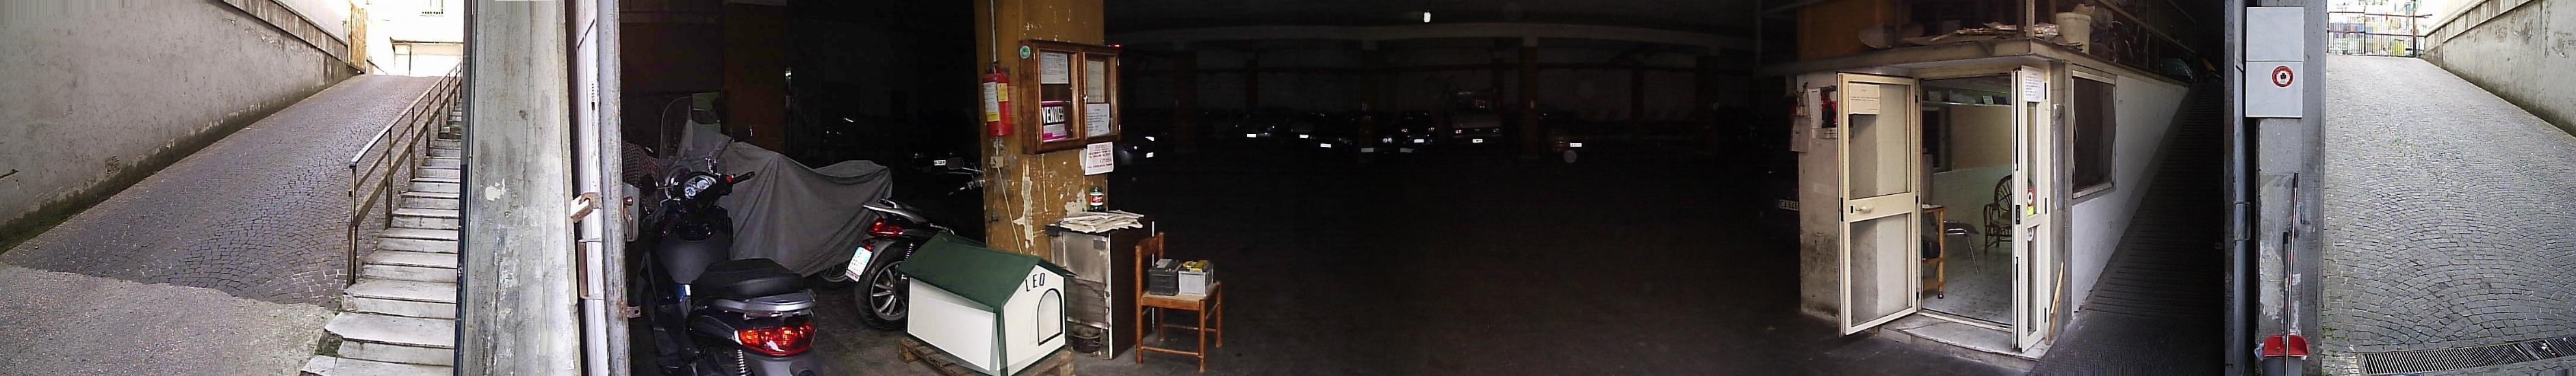 Palazzo / Stabile in vendita a Casoria, 30 locali, Trattative riservate | CambioCasa.it